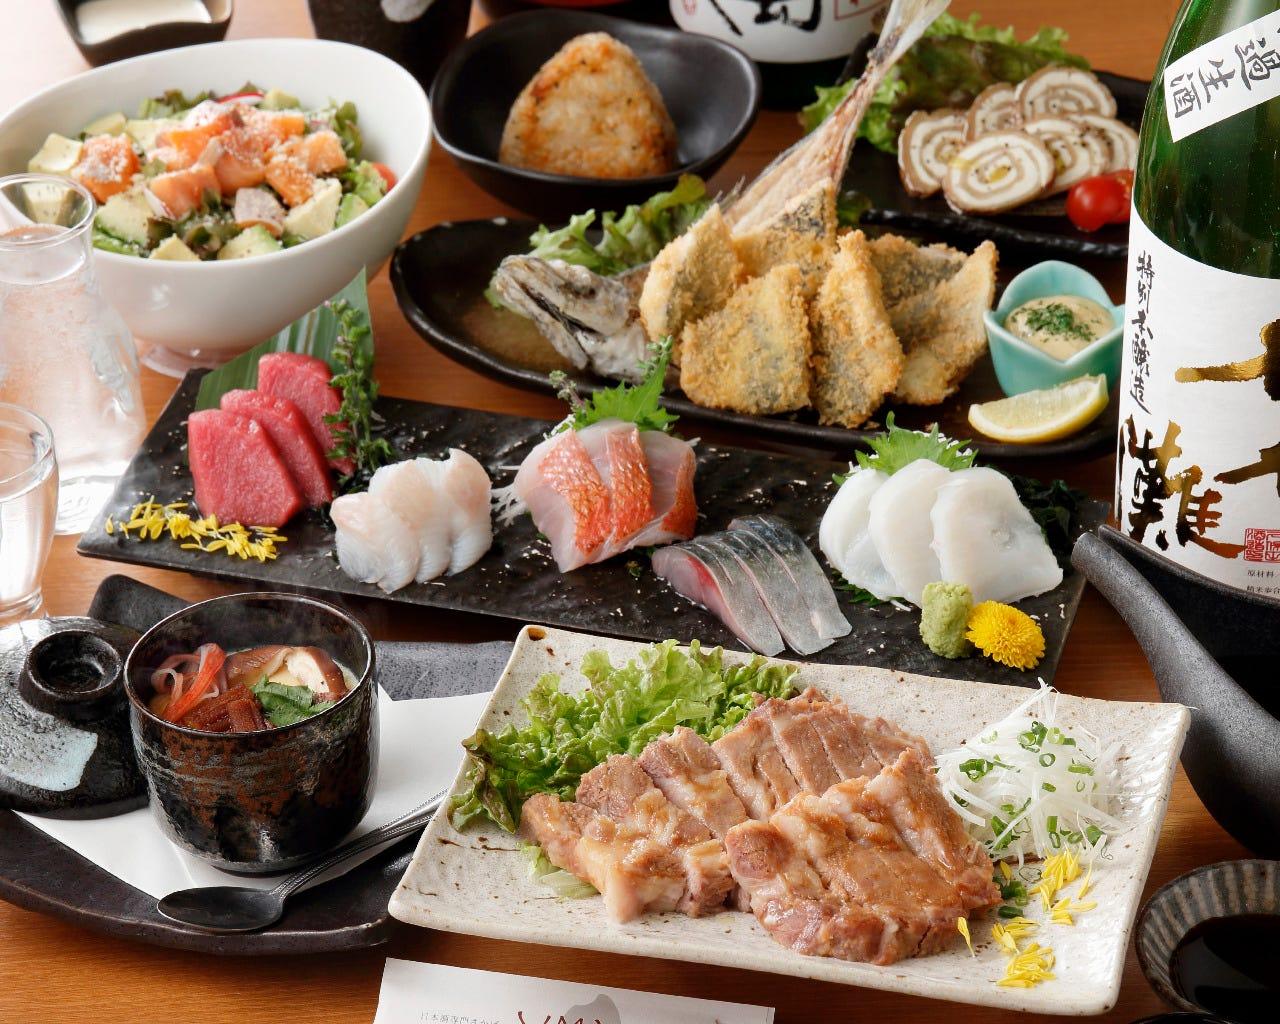 日替わり含む日本酒全30種2時間飲み放題込み!厳選料理7品コース5500円(税込)《宴会・歓送迎会・女子会》